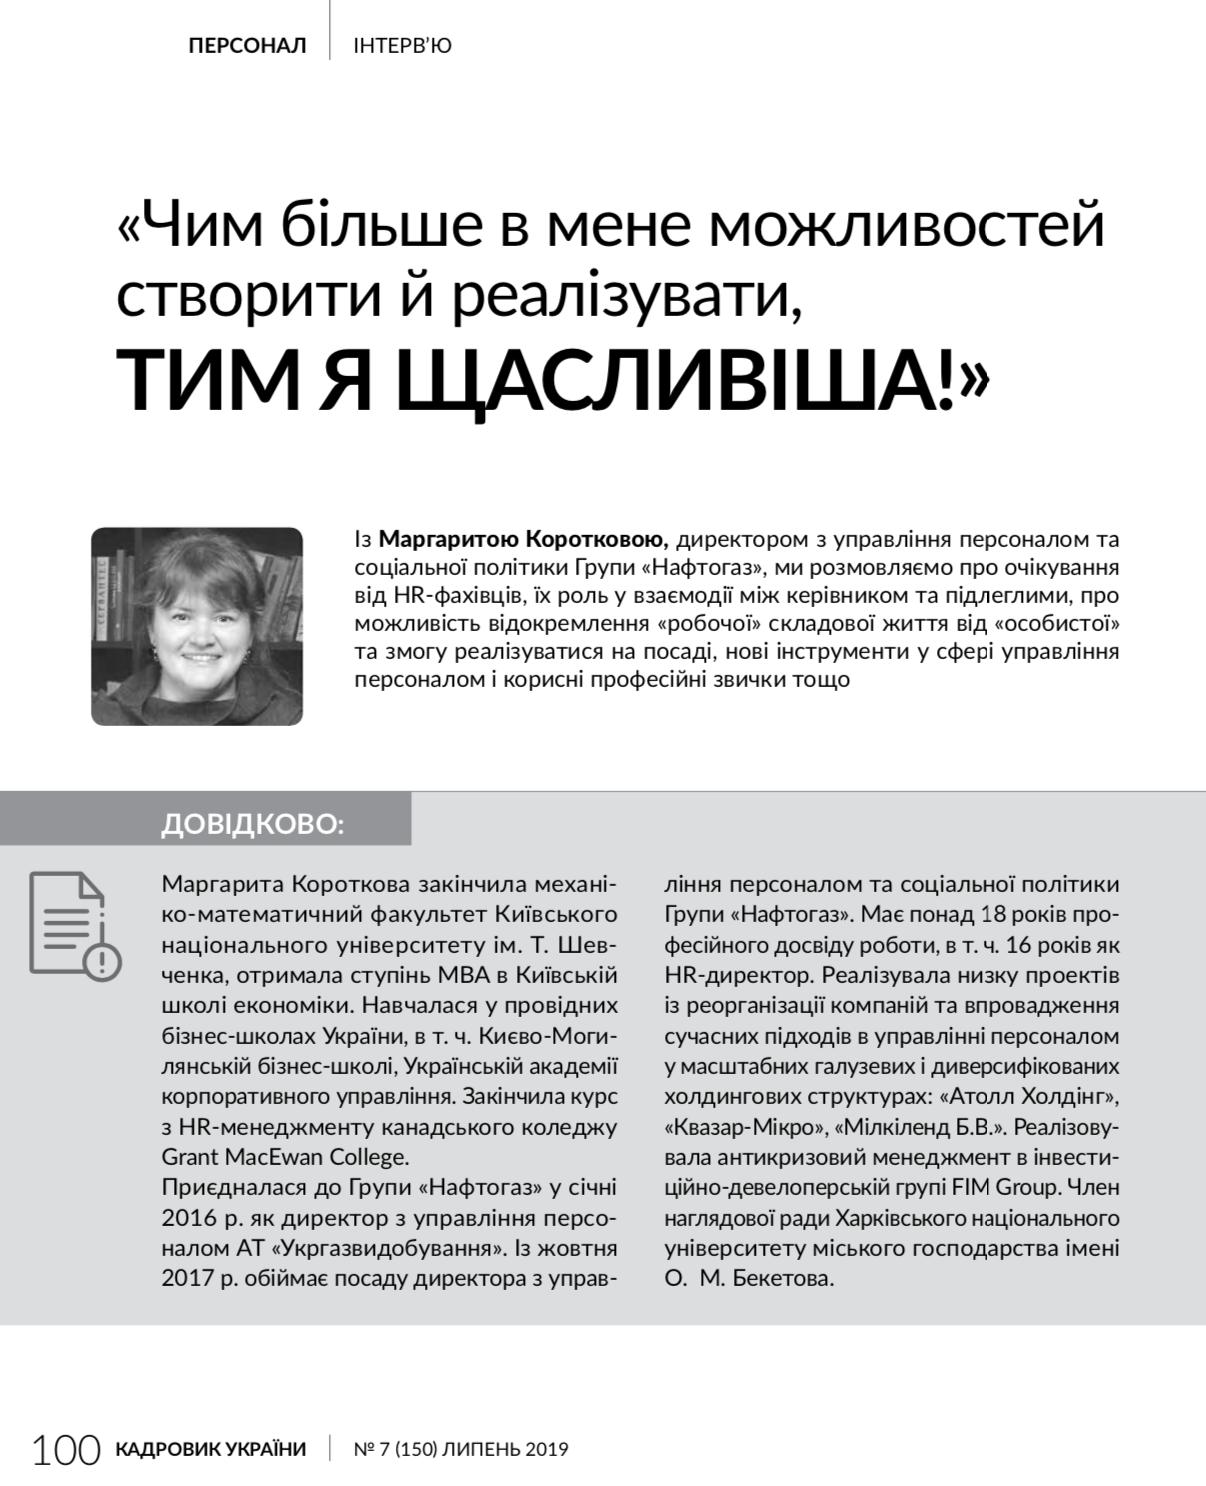 Маргарита Короткова. Кадровик Украины, Стефановская Станислава